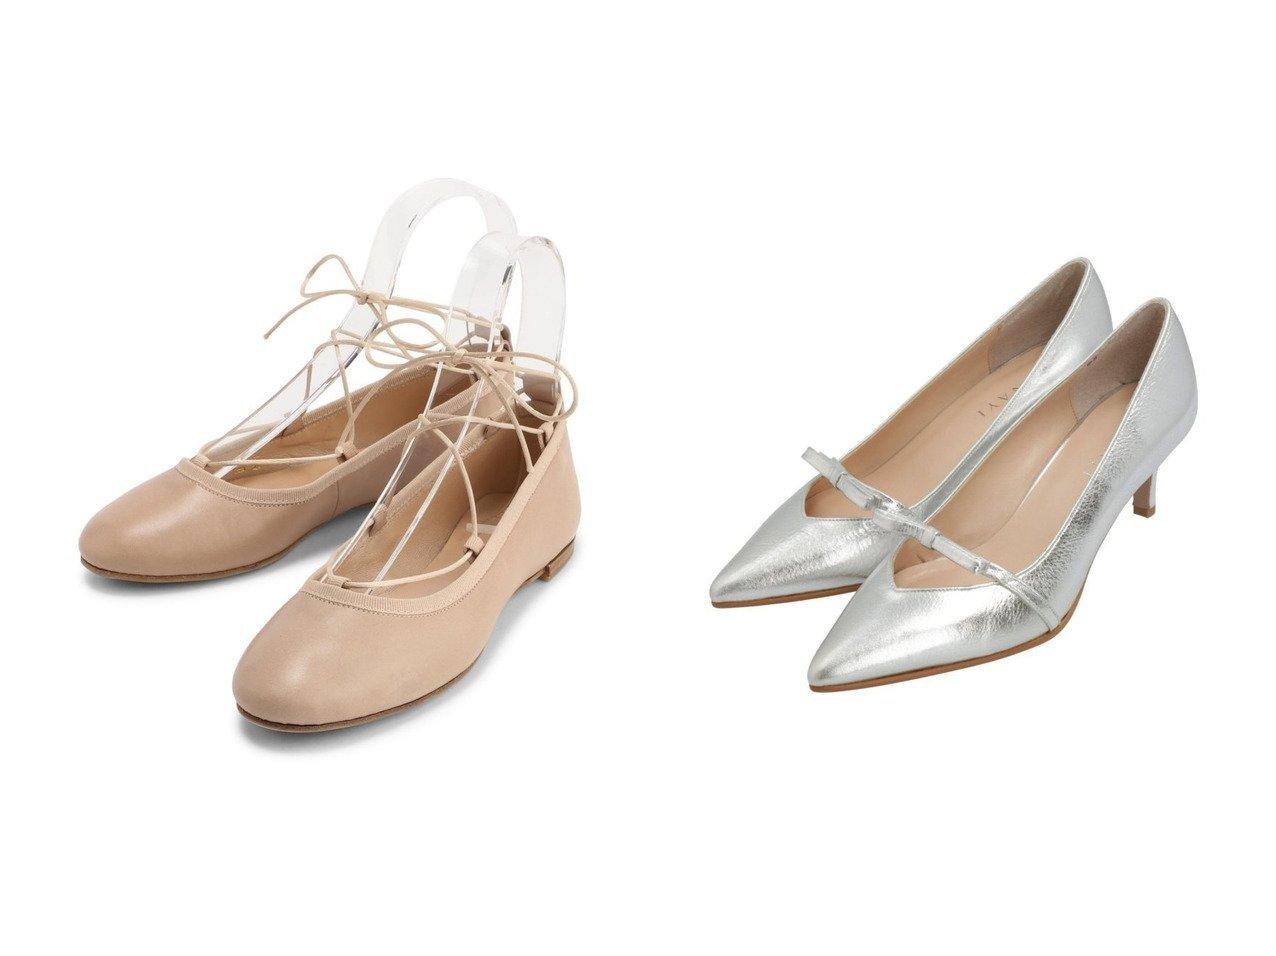 【OPERA NATIONAL DE PARIS/オペラ ナショナル ドゥ パリ】のOPERA NATIONAL DE PARIS レースアップバレエシューズ&【ANAYI/アナイ】のリボンツキパンプス シューズ・靴のおすすめ!人気、トレンド・レディースファッションの通販  おすすめで人気の流行・トレンド、ファッションの通販商品 メンズファッション・キッズファッション・インテリア・家具・レディースファッション・服の通販 founy(ファニー) https://founy.com/ ファッション Fashion レディースファッション WOMEN シューズ シルバー スタイリッシュ フォルム モチーフ リボン 今季 バレエ フランス レース A/W 秋冬 AW Autumn/Winter / FW Fall-Winter 2020年 2020 2020-2021 秋冬 A/W AW Autumn/Winter / FW Fall-Winter 2020-2021  ID:crp329100000009852